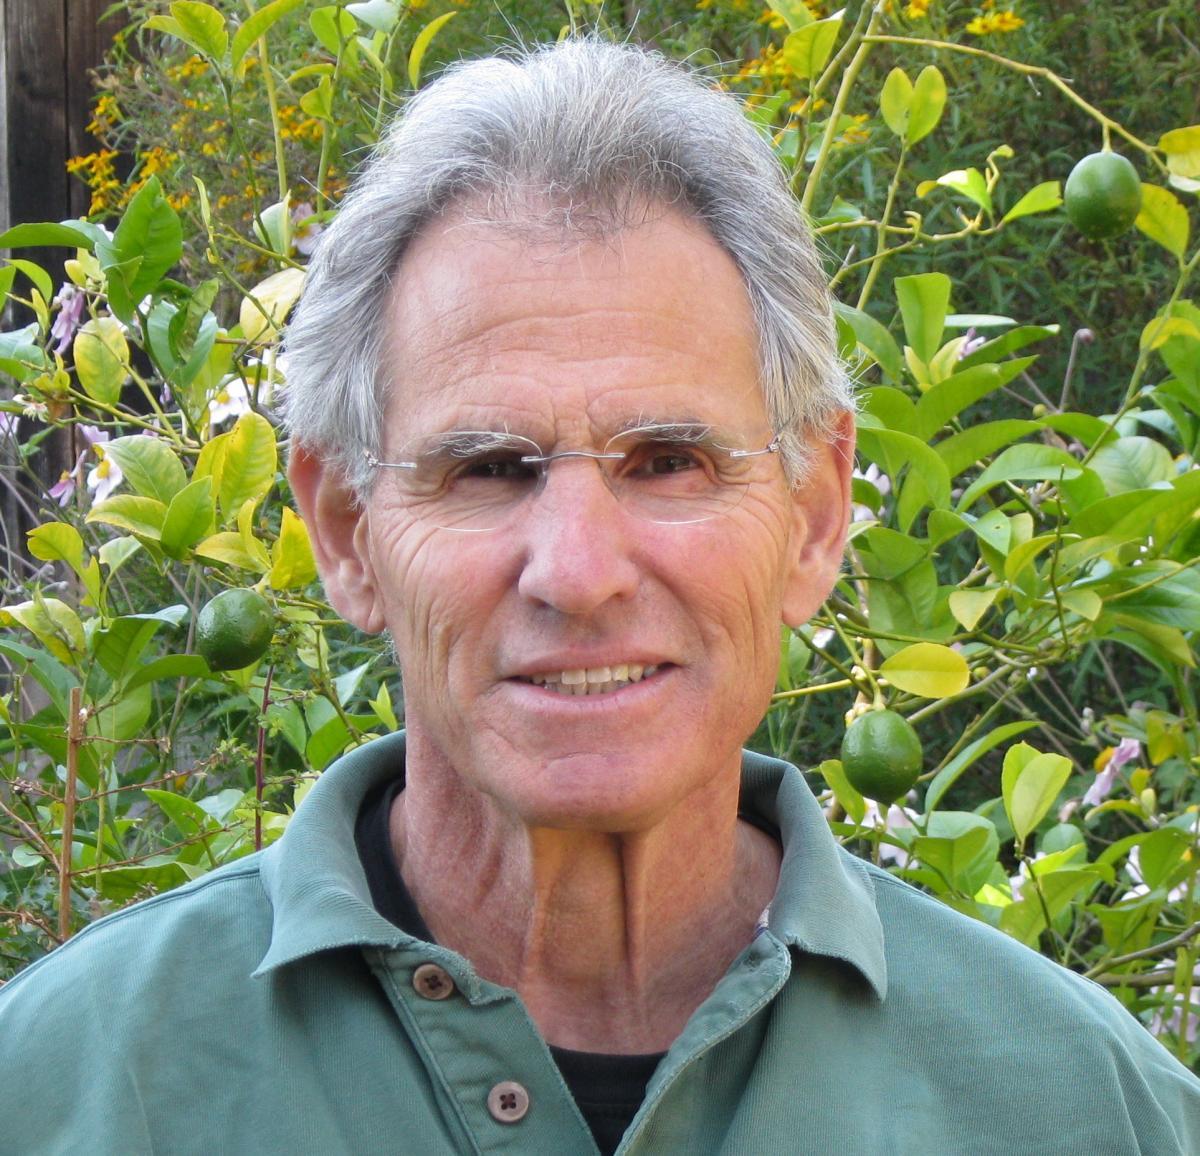 Jon Kabat Zinn l'ideatore della mindfulness e del modello MBSR